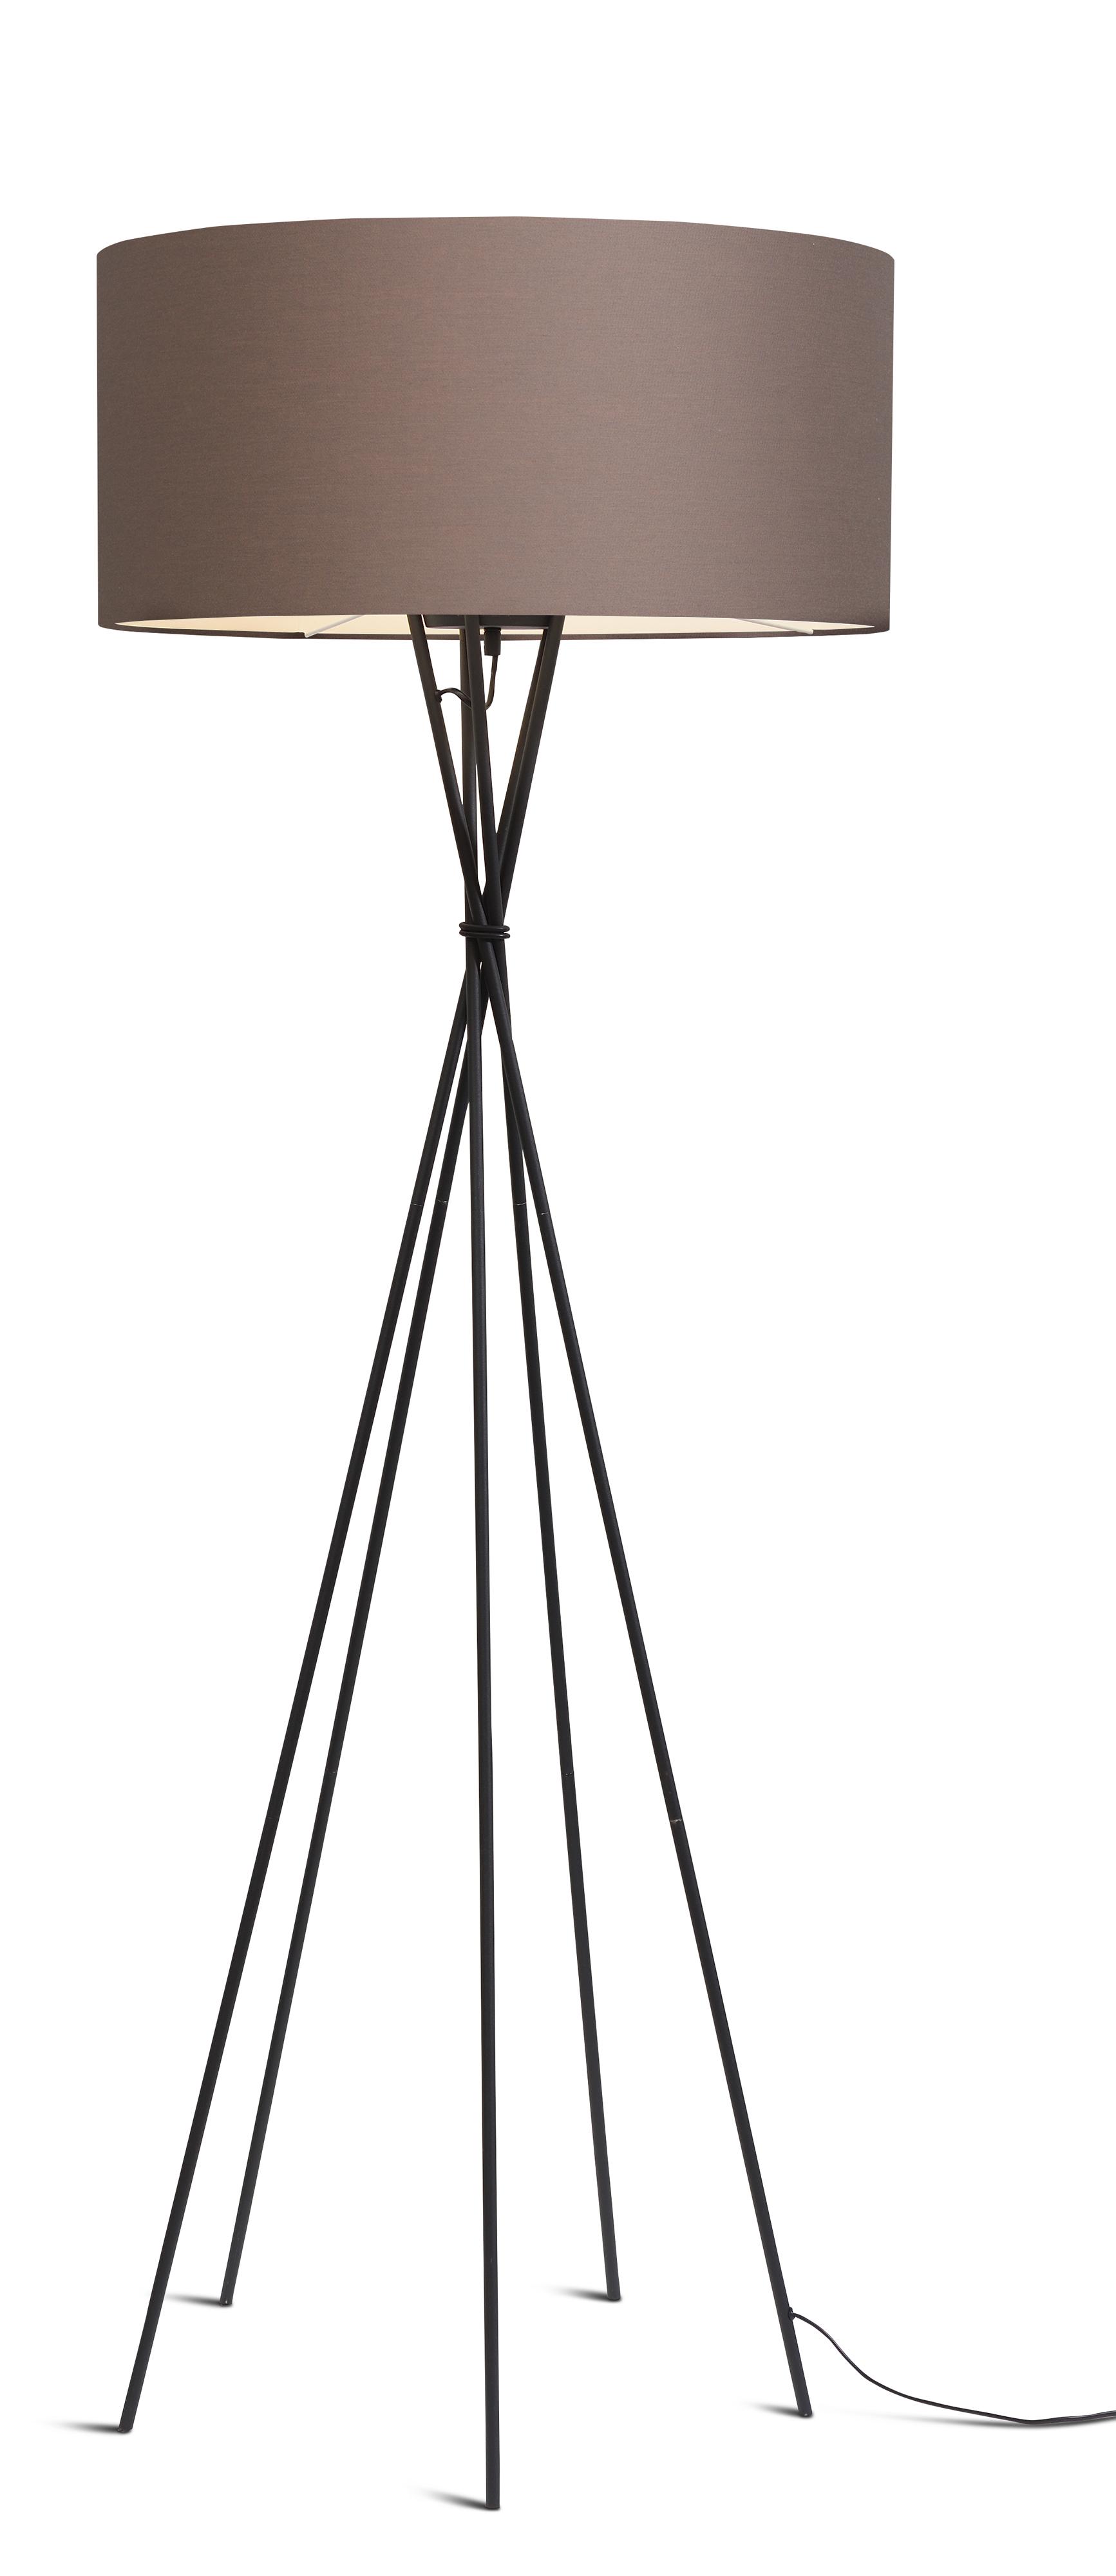 maison du monde Lampadaire avec pieds noirs et abat-jour gris fumé H175cm